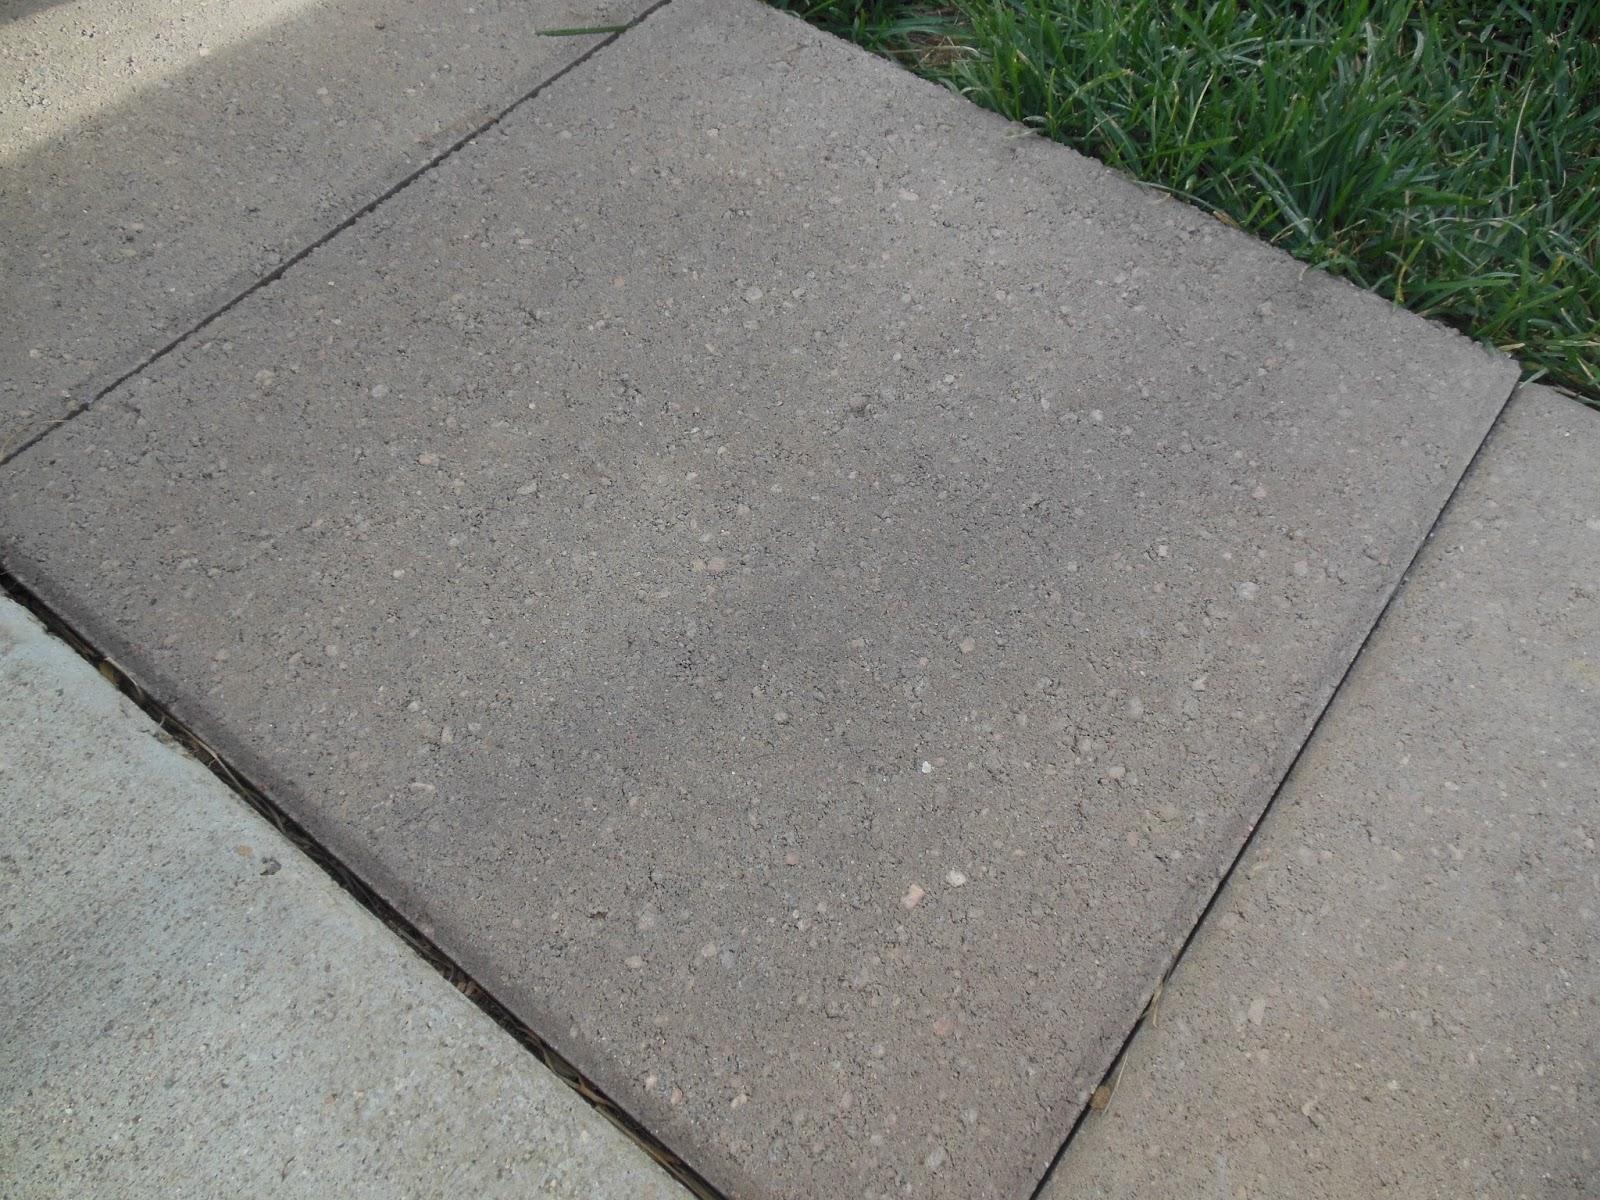 24x24 Patio Pavers 24x24 Concrete Pavers Outdoor